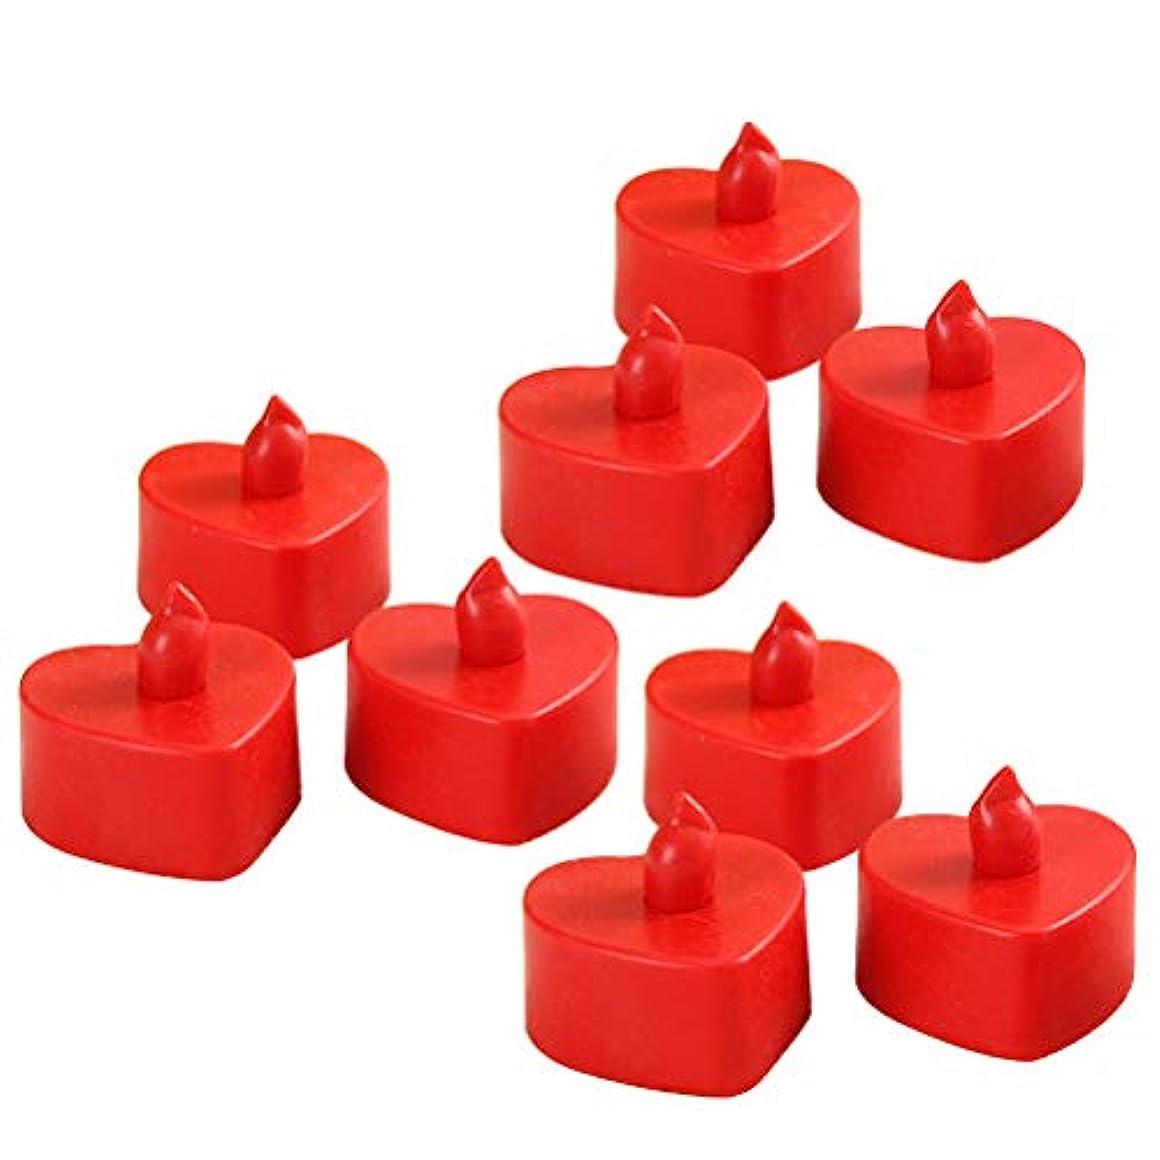 ラリーベルモントうなるフィードBESTOYARD 10個無炎キャンドルバッテリーは、キャンドルウェディングパーティフェスティバルの装飾(赤いシェルの赤い光)